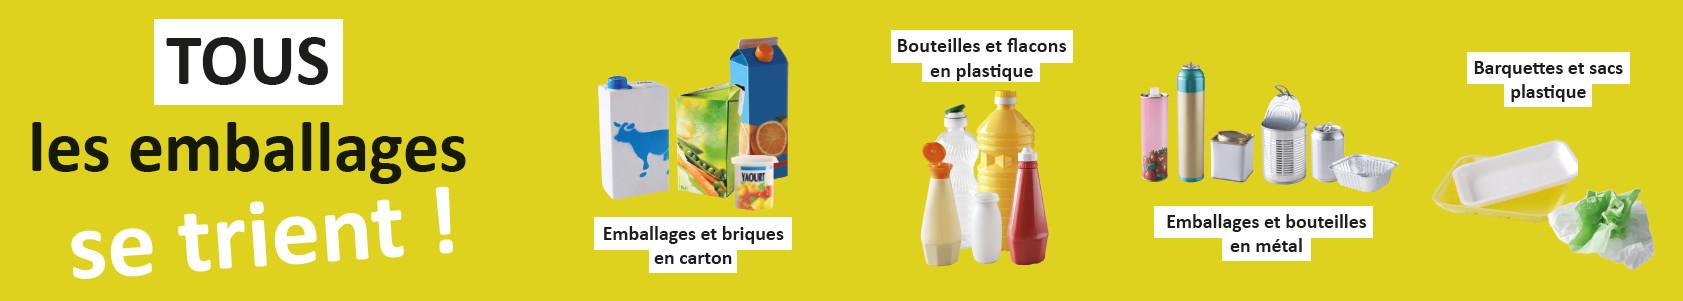 bandeau emballages plastiques